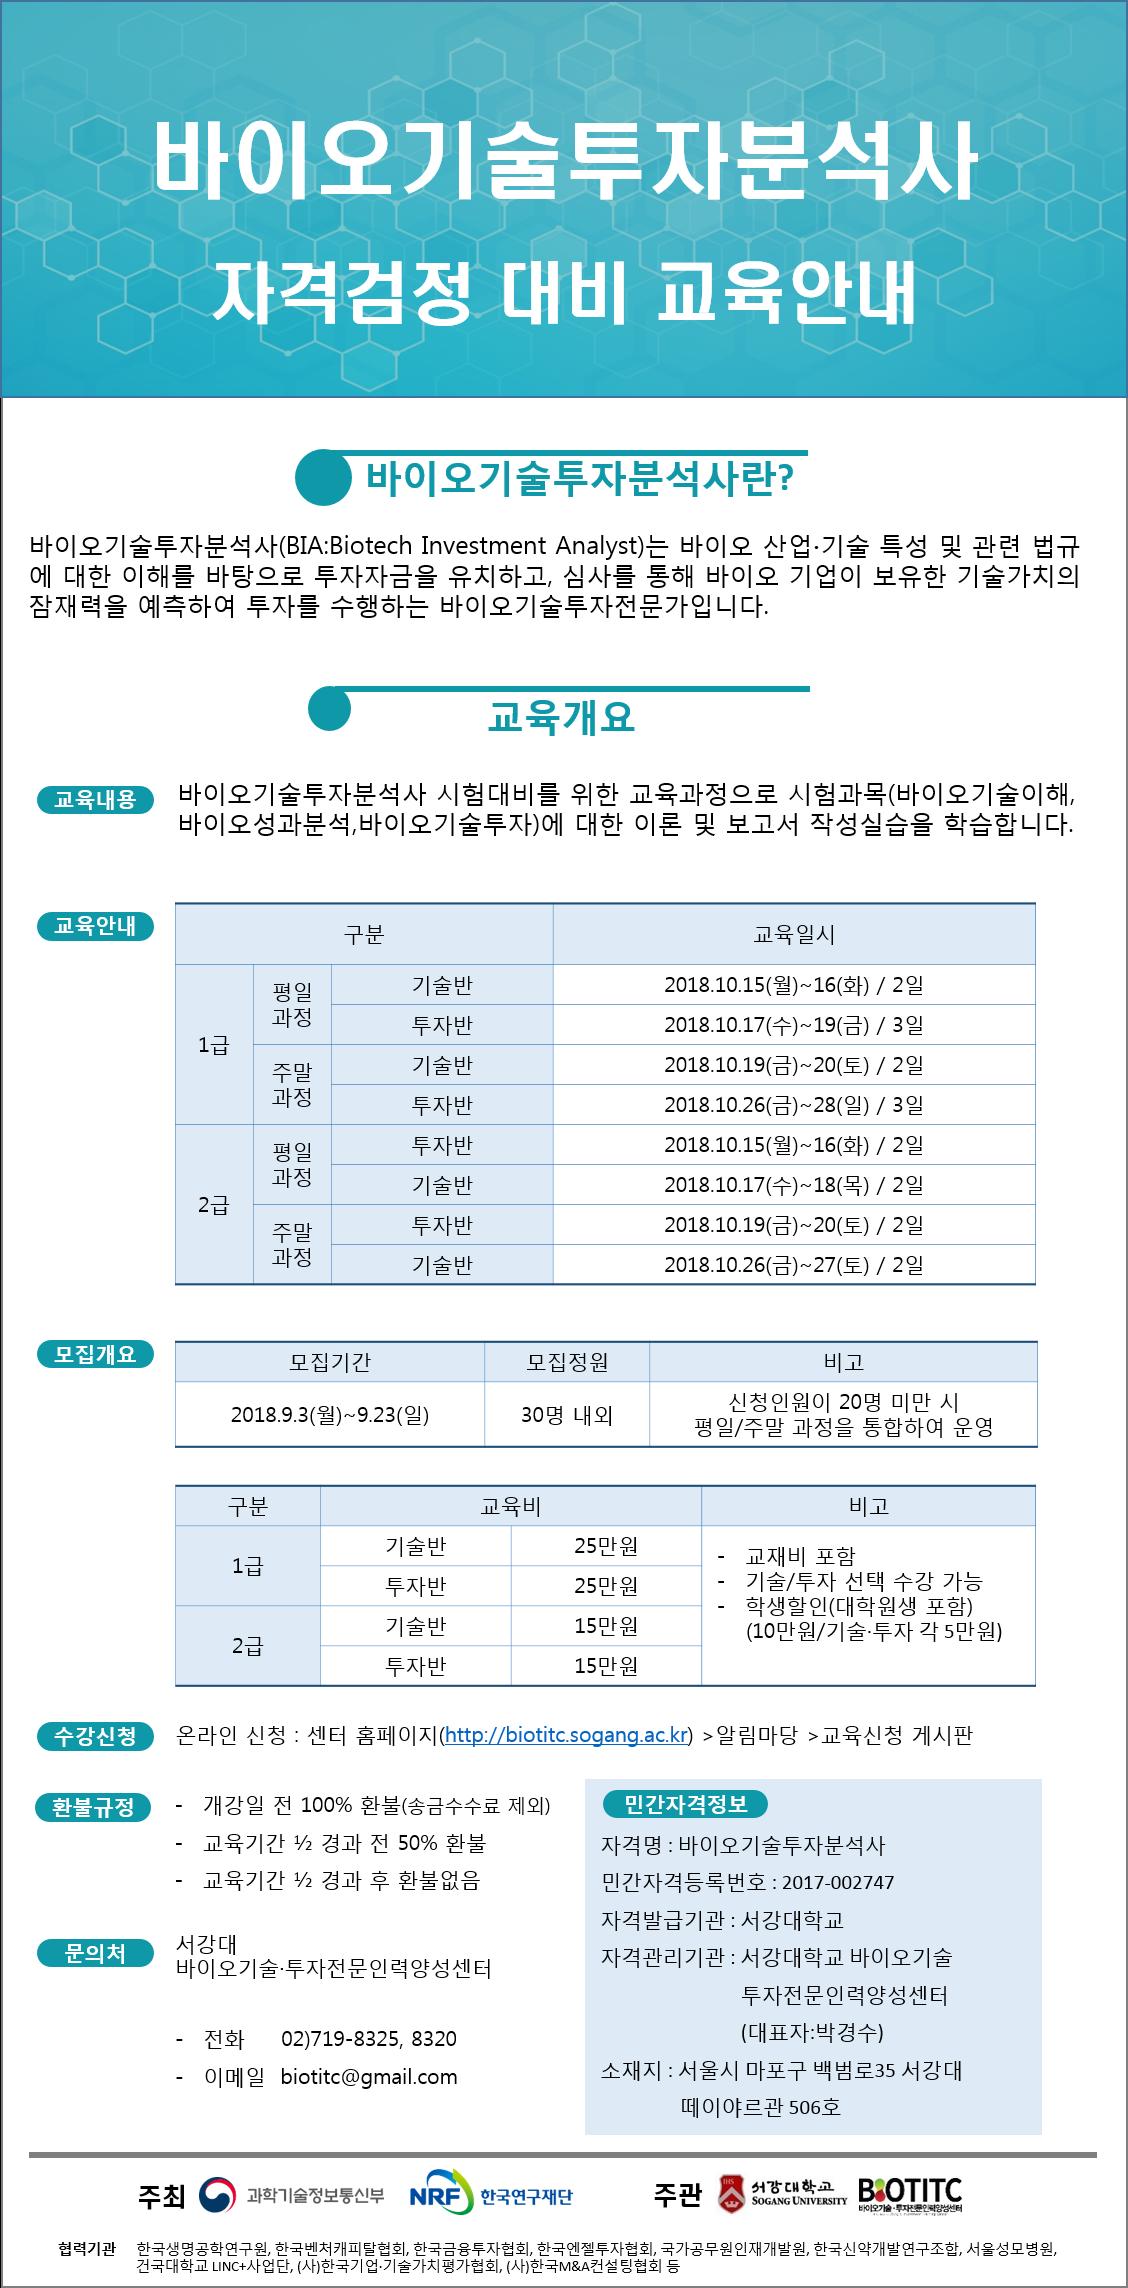 포스터_(수정)자격검정교육안내.png